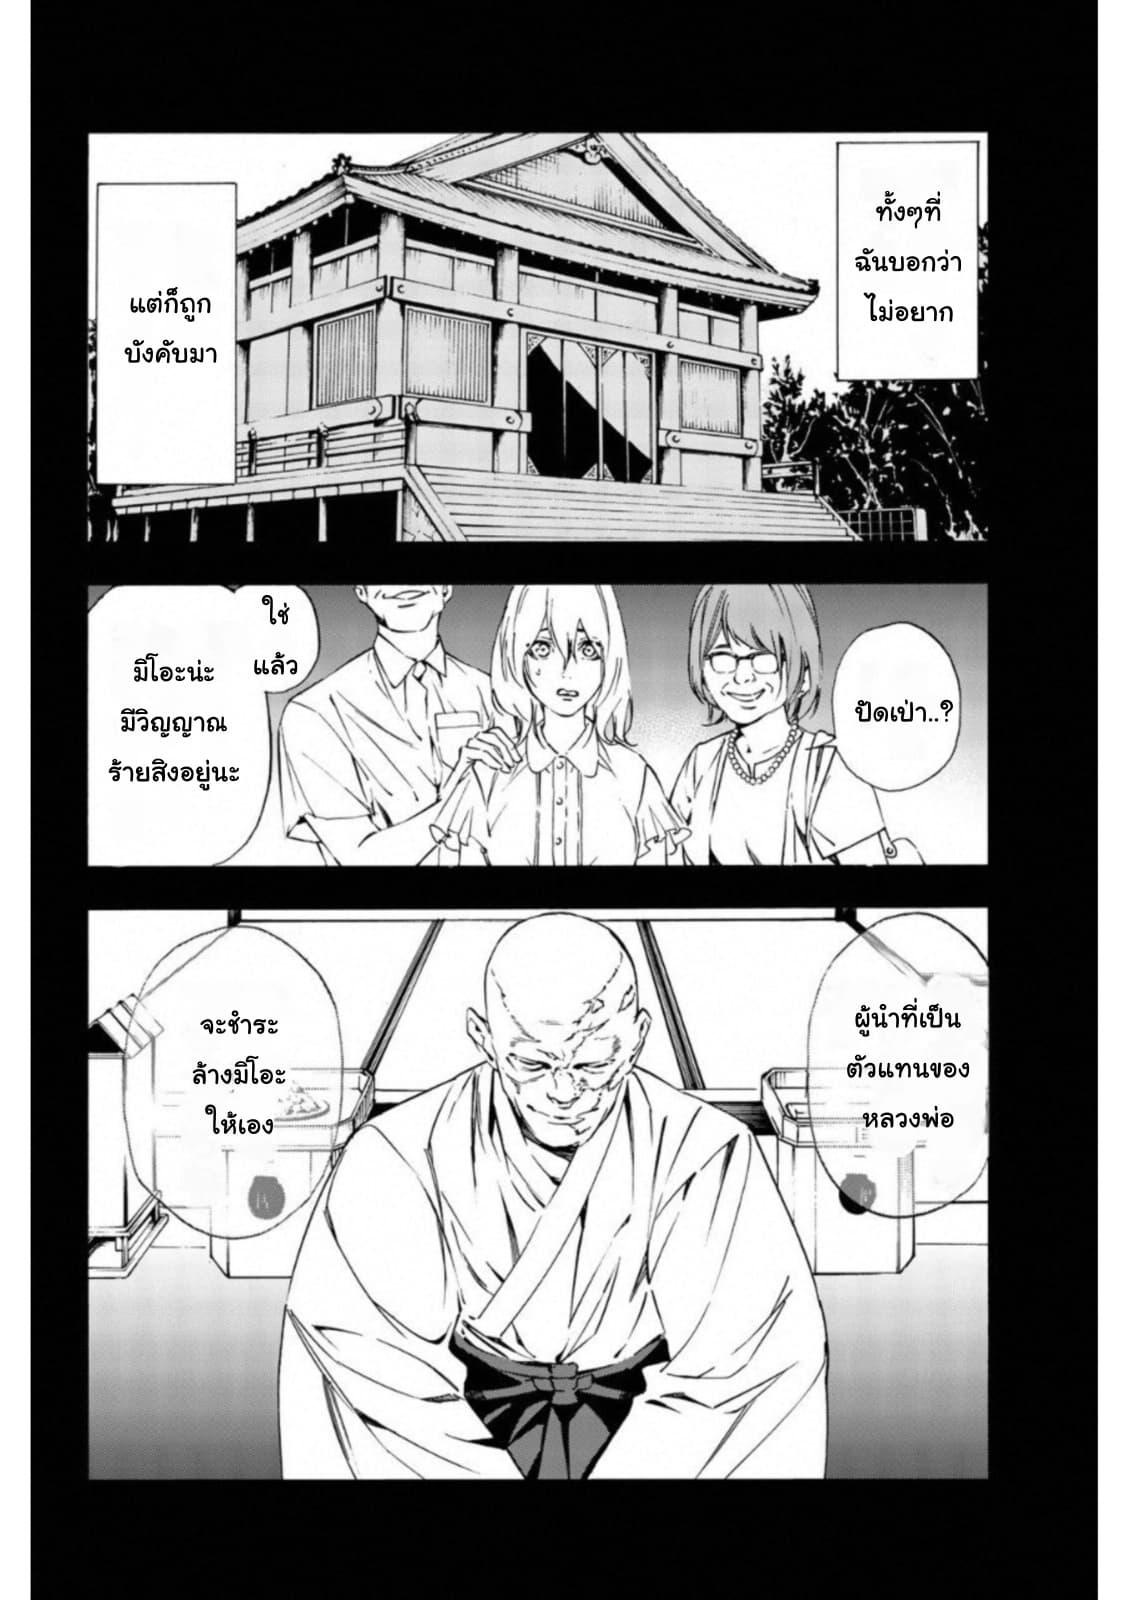 อ่านการ์ตูน Zetsubou no Rakuen ตอนที่ 11 หน้าที่ 3